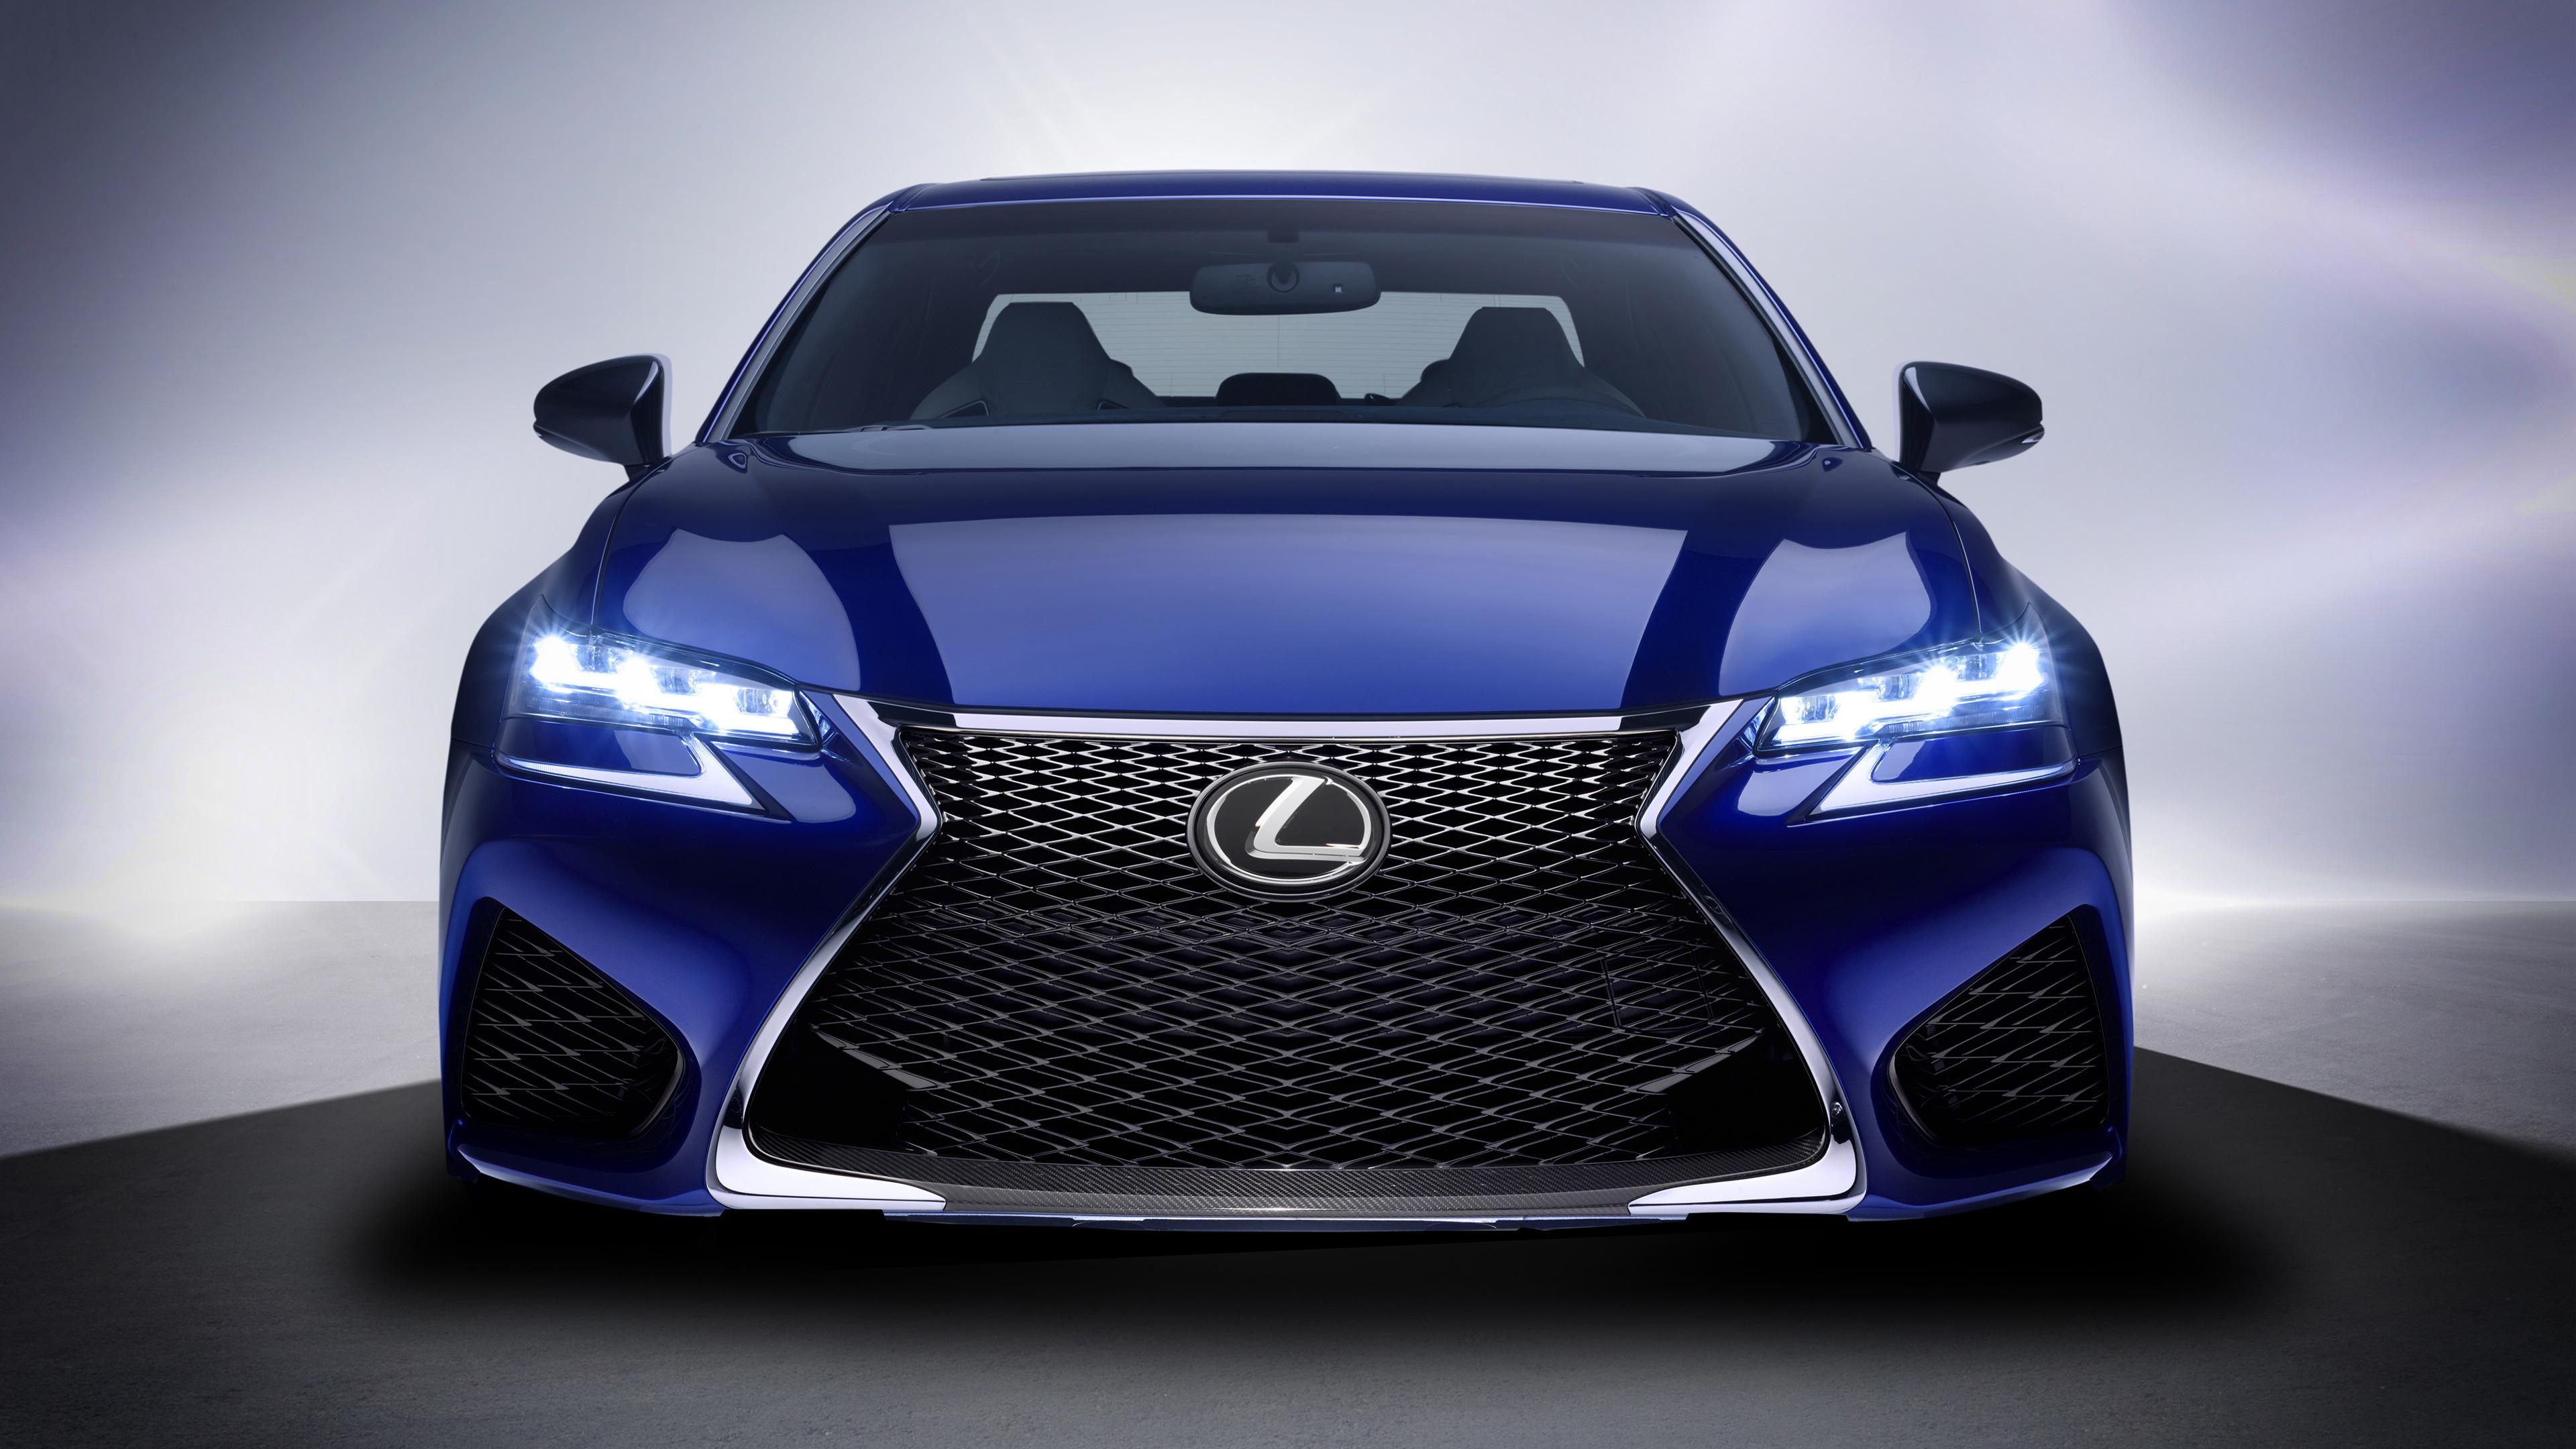 2017 Lexus Gs F Luxury Sedan 4k Wallpaper Hd Car Wallpapers Id 7160